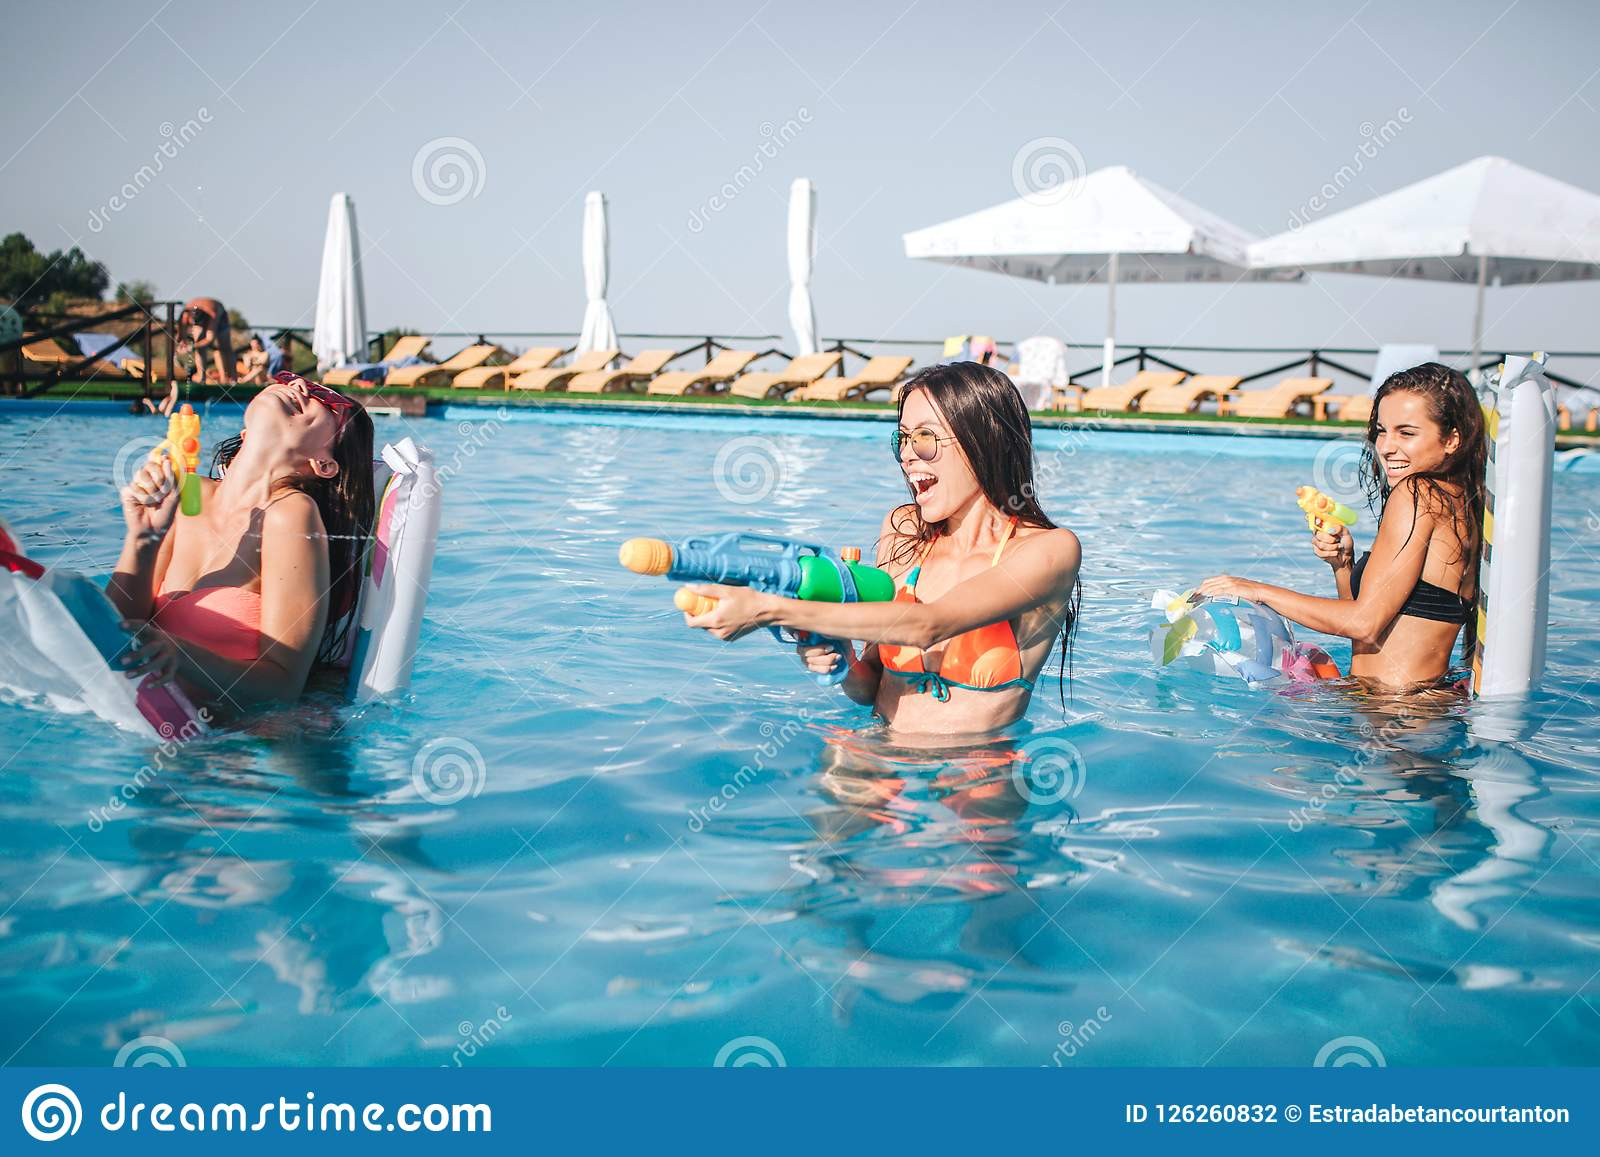 Modelos alegres e engraçados que jogam na piscina Guardam armas de água nas mãos e em usá-lo A mulher dois está contra